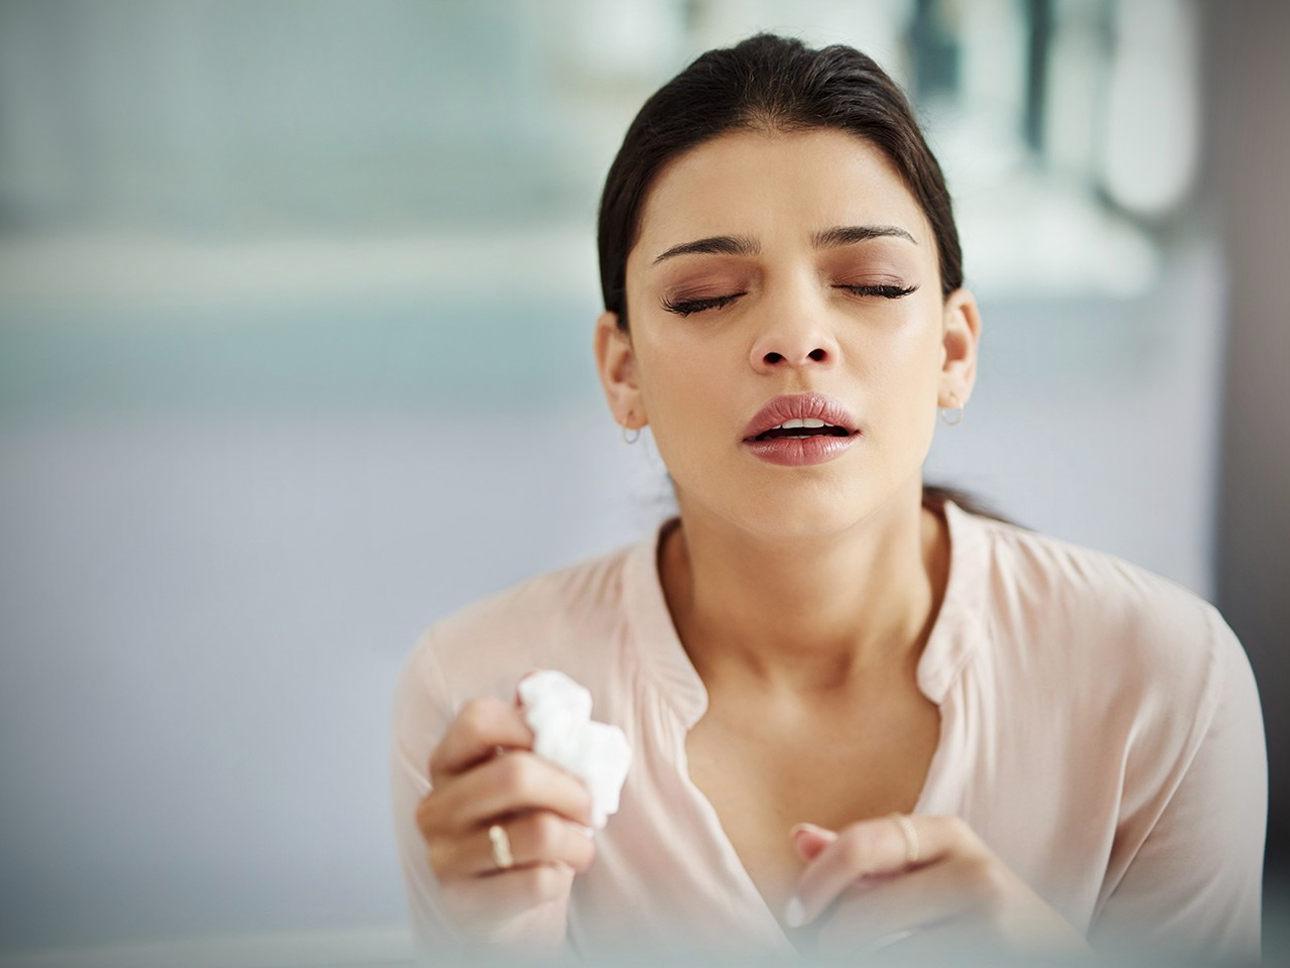 Почему люди чихают зажмурившись?